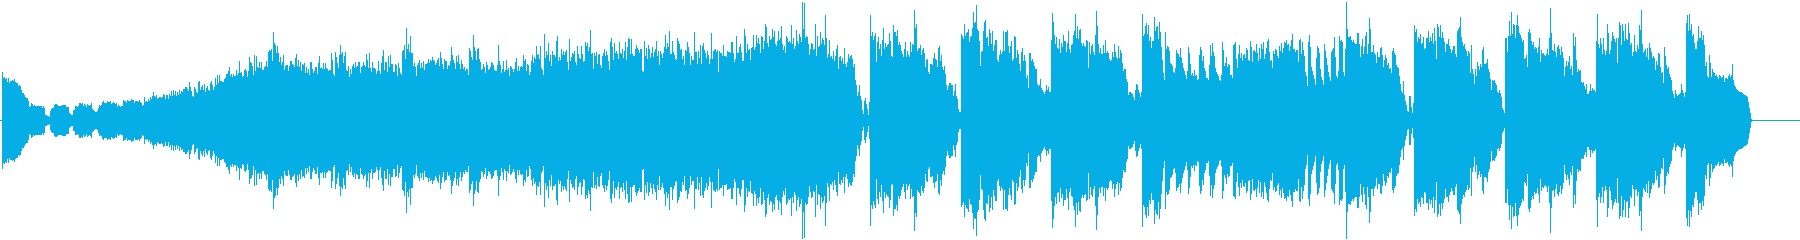 何かに追われている時に流れる曲の再生済みの波形